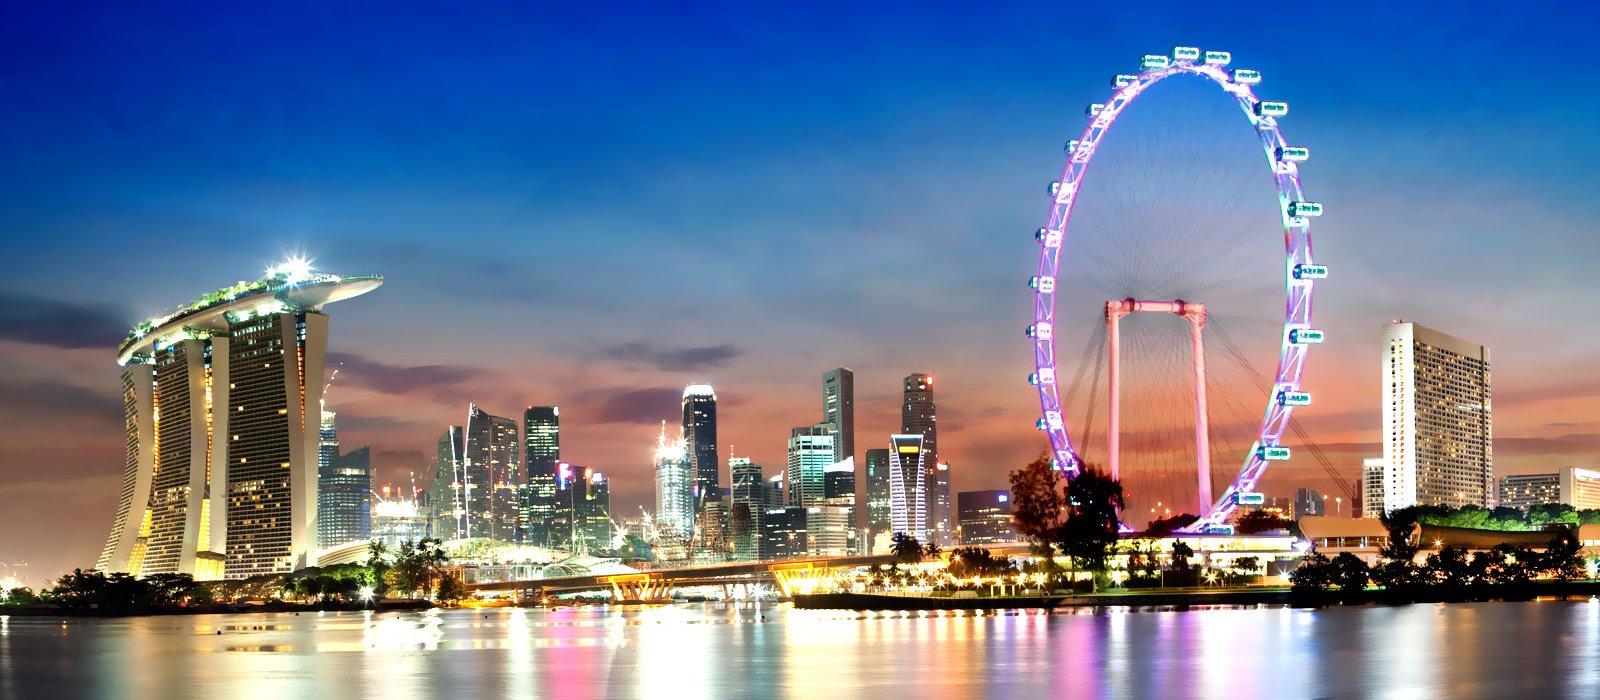 Ngồi trên thuyền và ngắm nhìn Singapore đẹp hớp hồn du khách về đêm